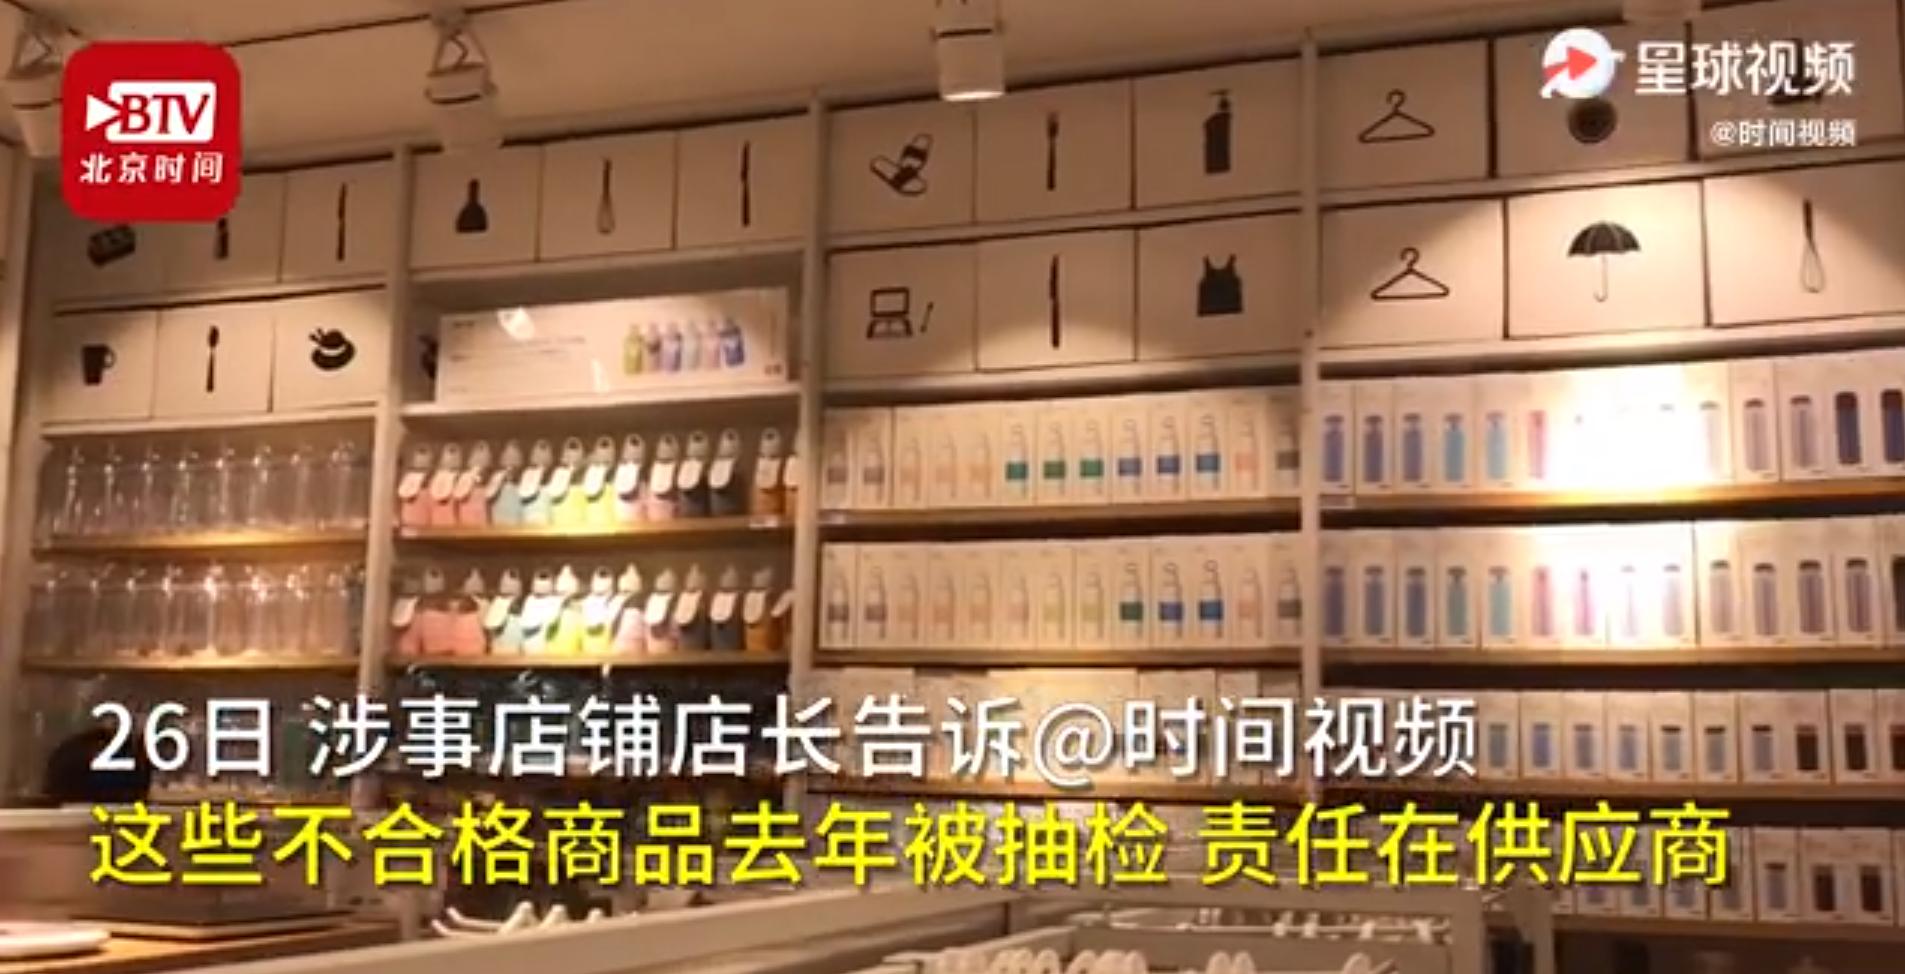 指甲油致癌物超标1400多倍,名创优品称责任在供应商